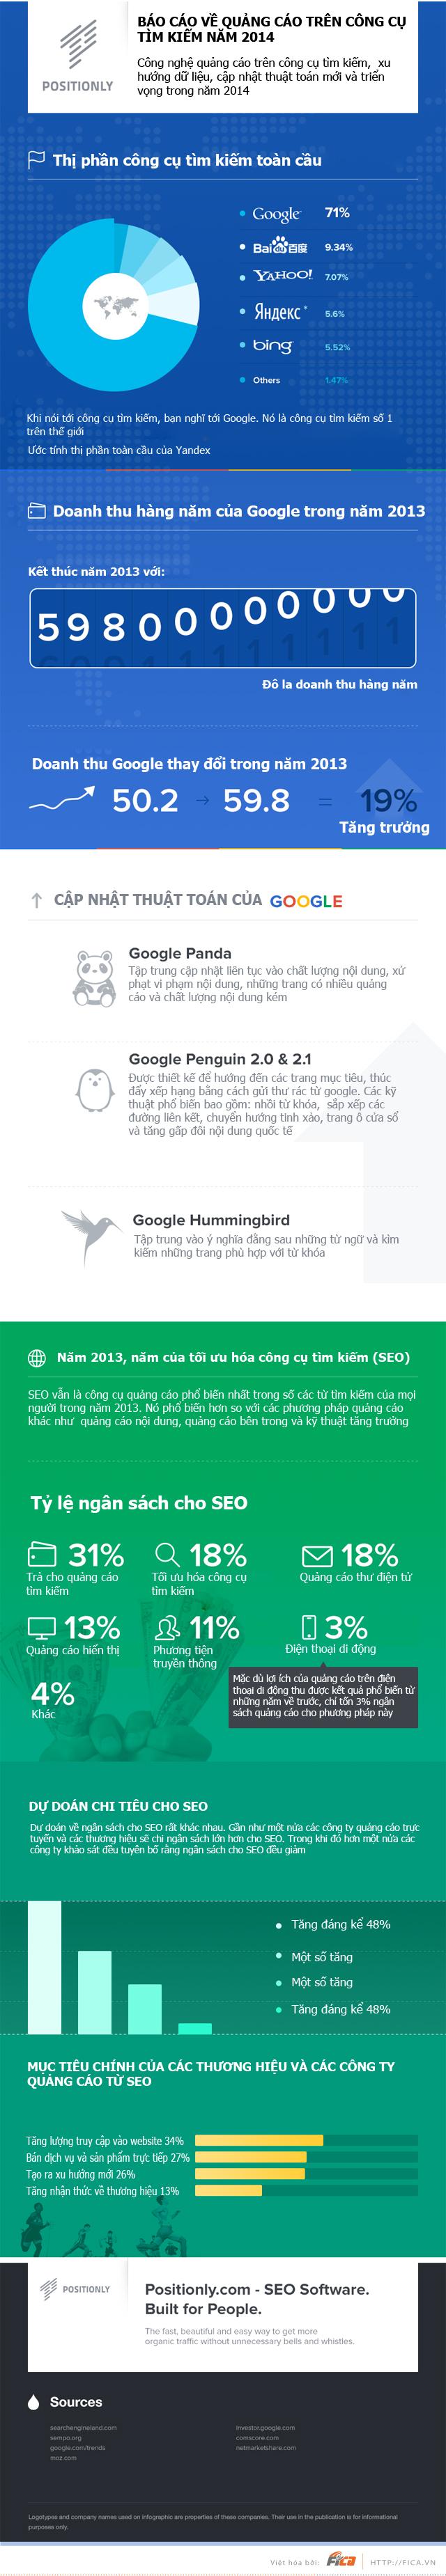 [INFOGRAPHIC] Báo cáo về quảng cáo trên công cụ tìm kiếm năm 2014